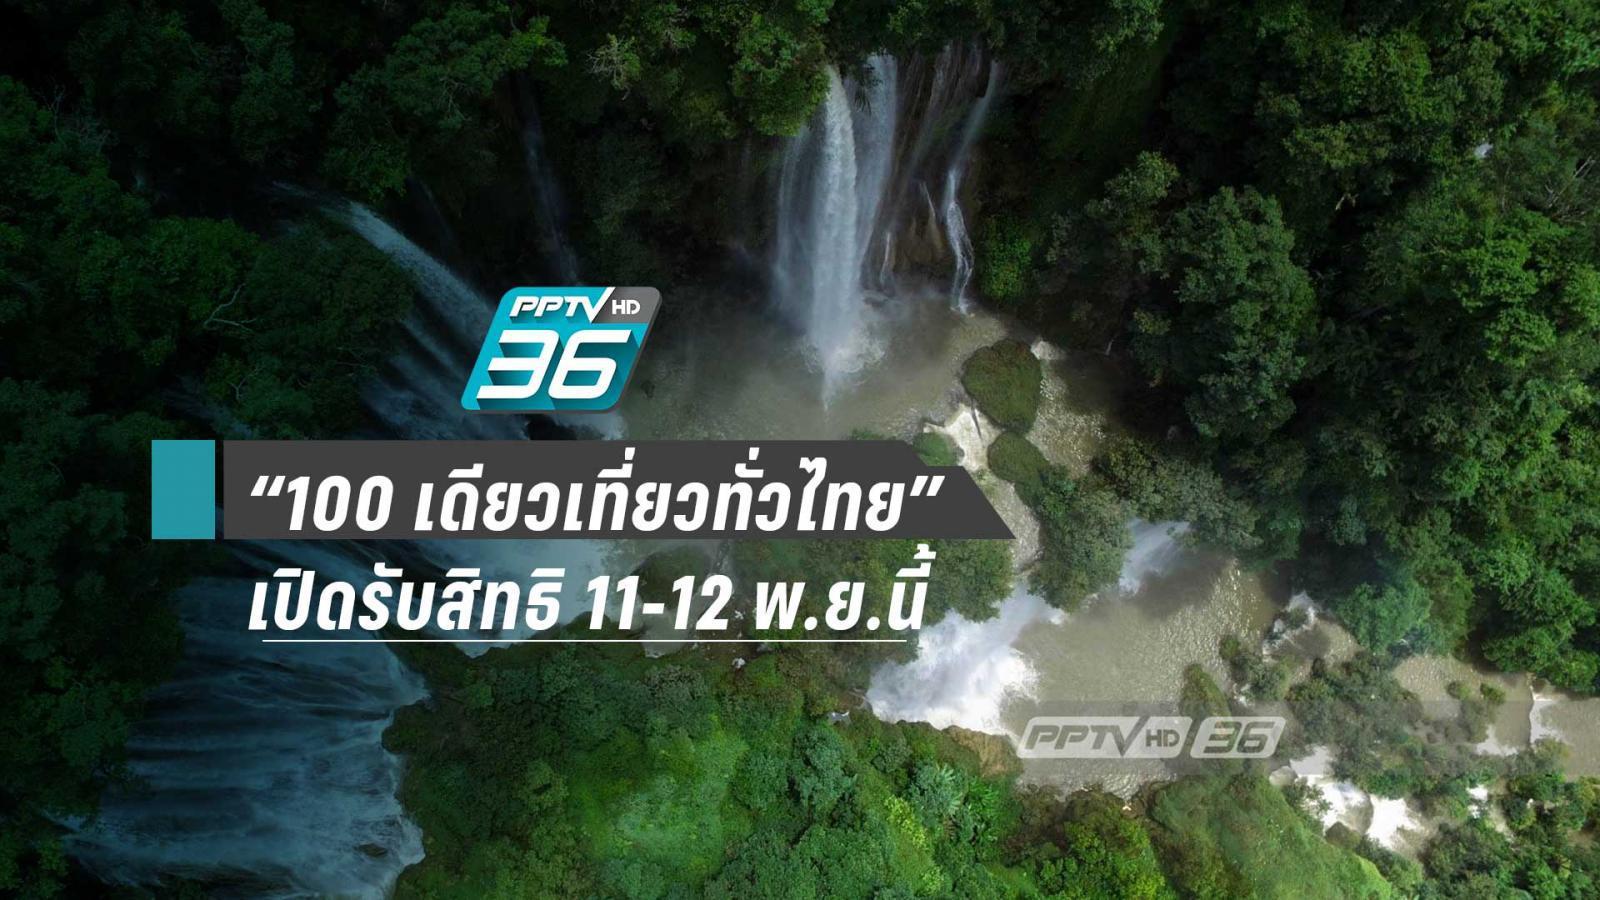 """เตรียมพร้อม !! เปิดรับสิทธิ """"100 เดียวเที่ยวทั่วไทย"""" 11-12 พ.ย.นี้"""